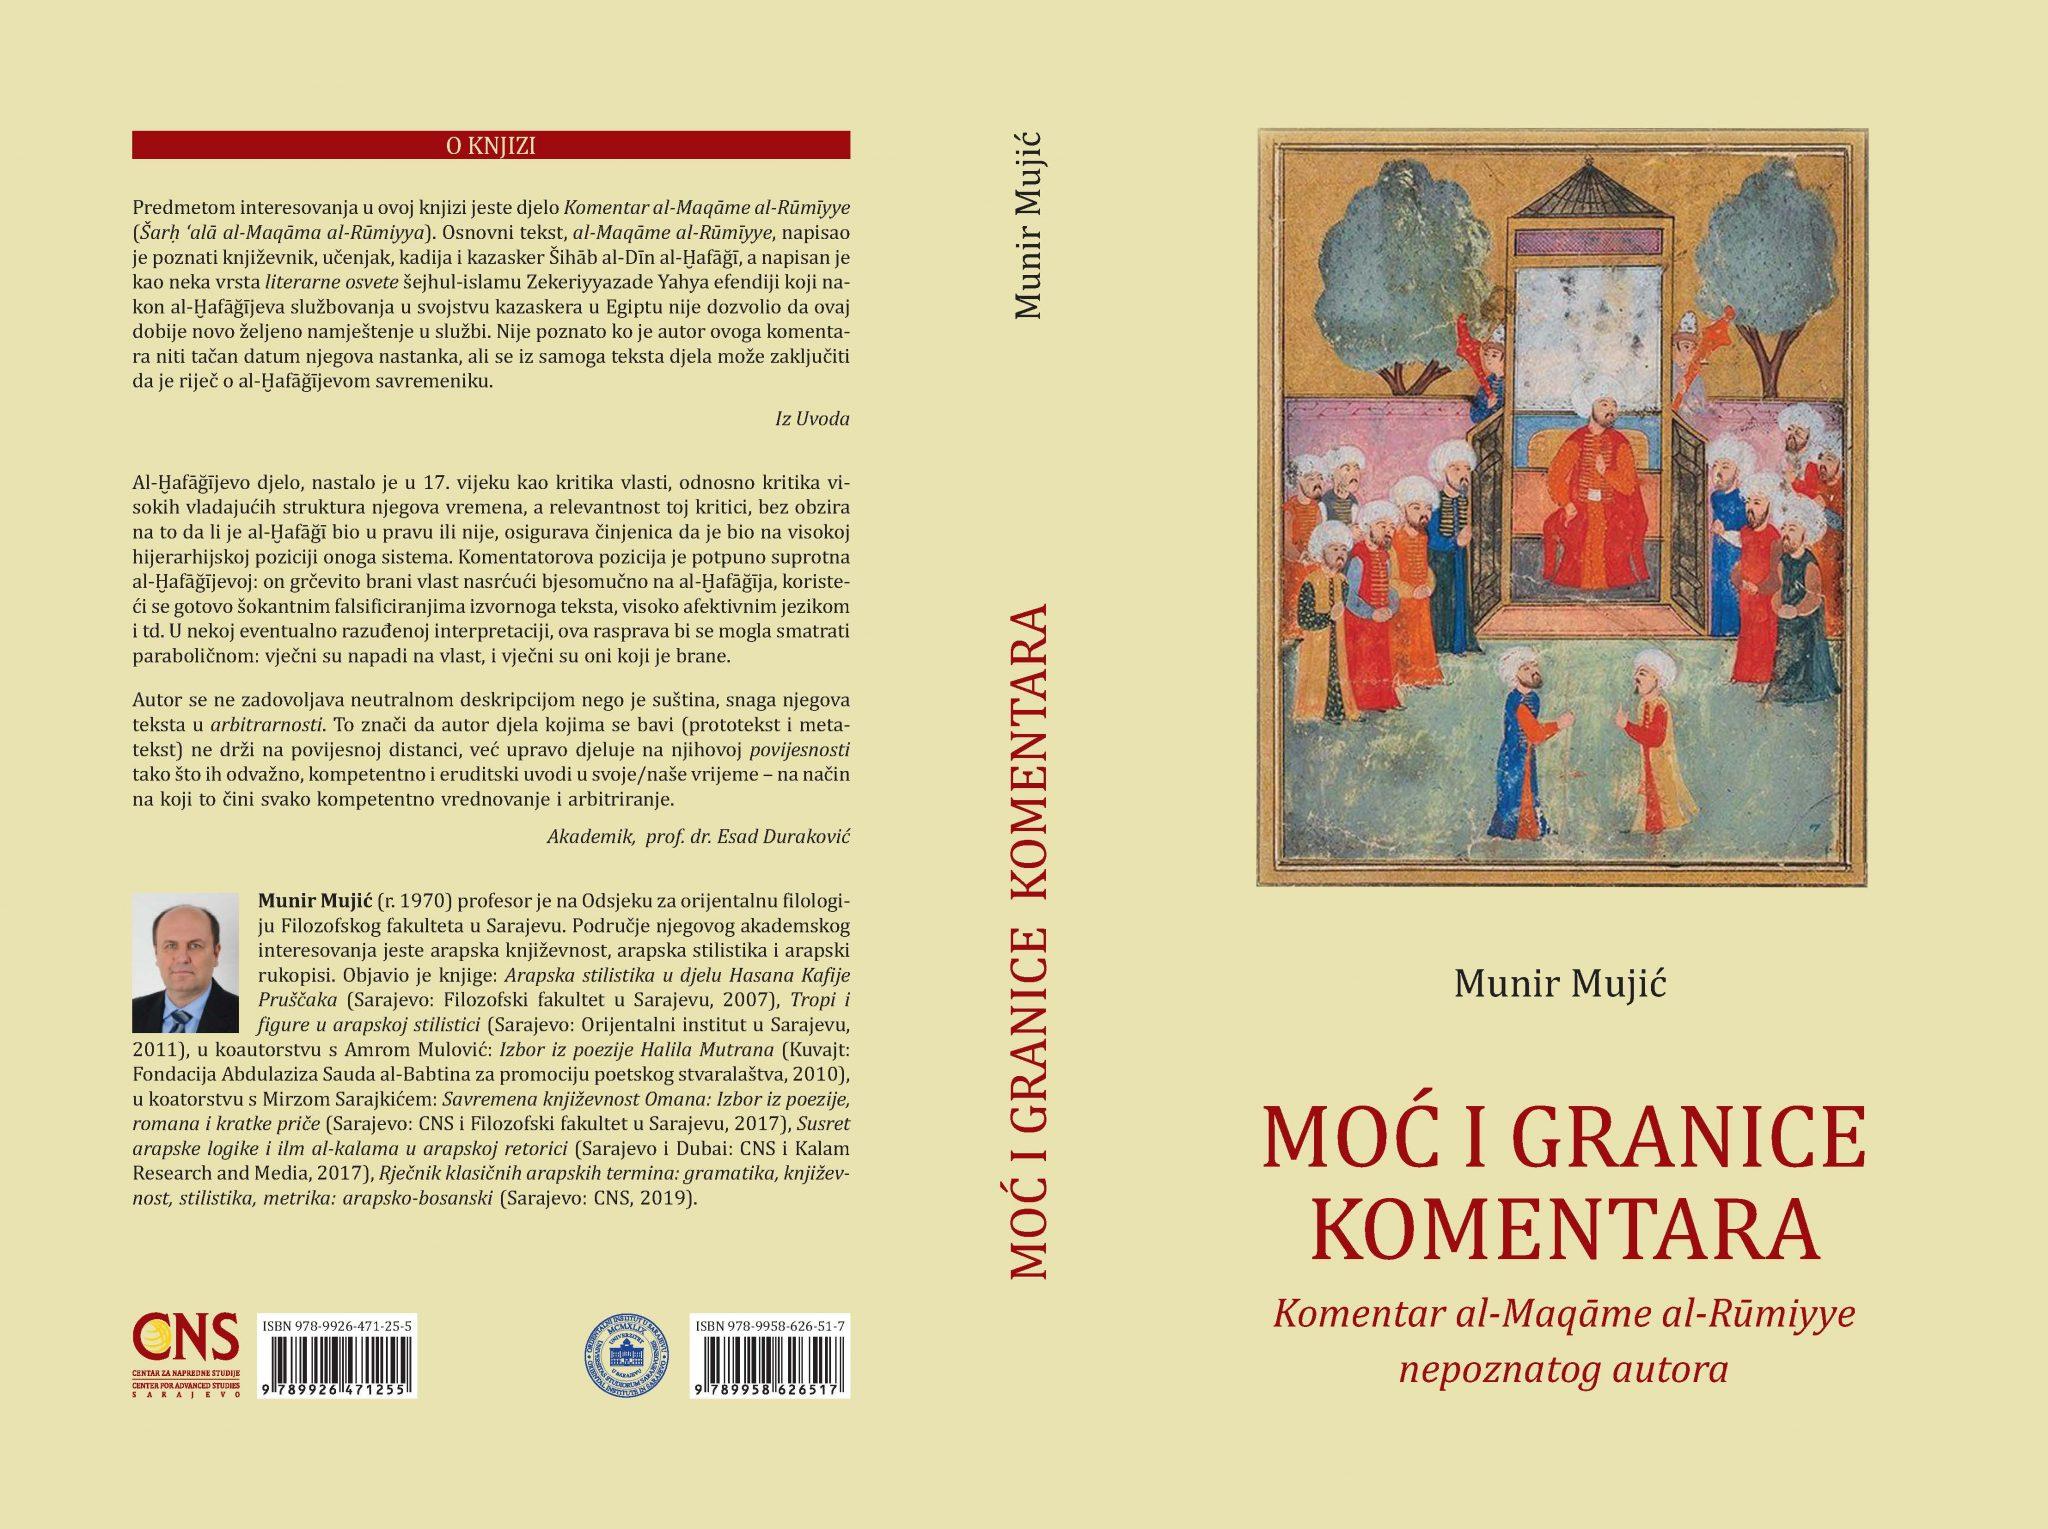 CNS izdanje: Moć i granice komentara -Komentar al-Maqāme al-Rūmiyye nepoznatog autora